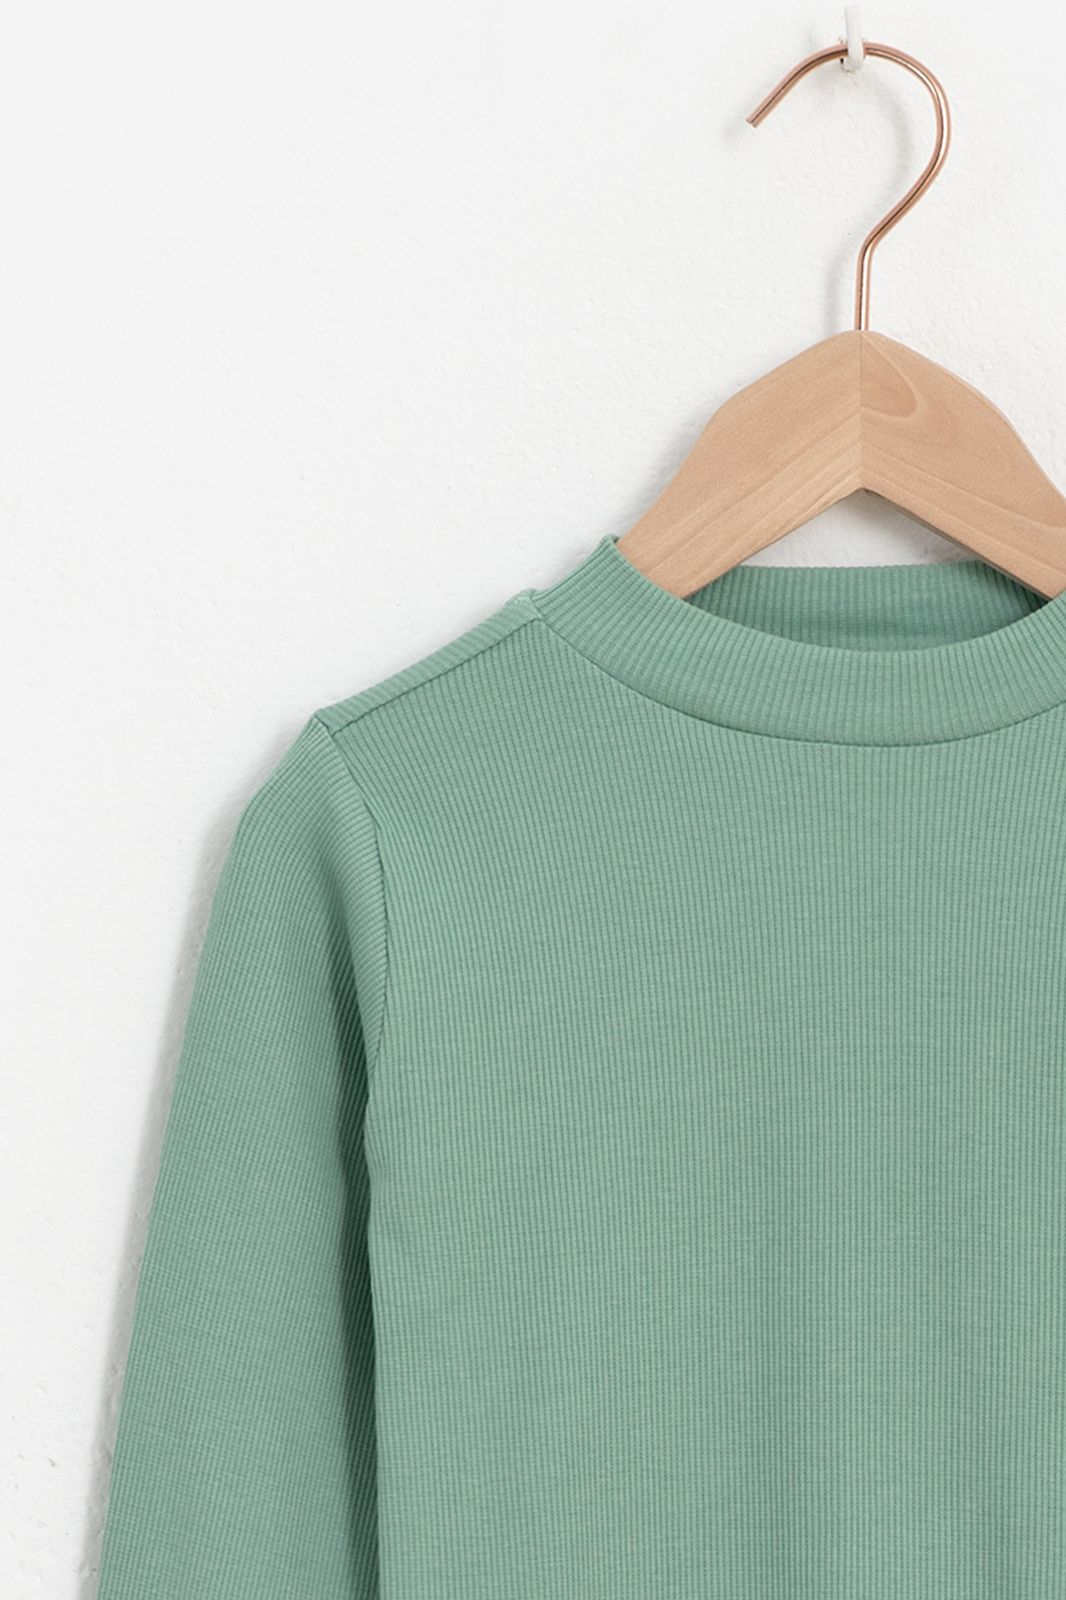 Groen rib t-shirt met lange mouwen - Kids   Sissy-Boy